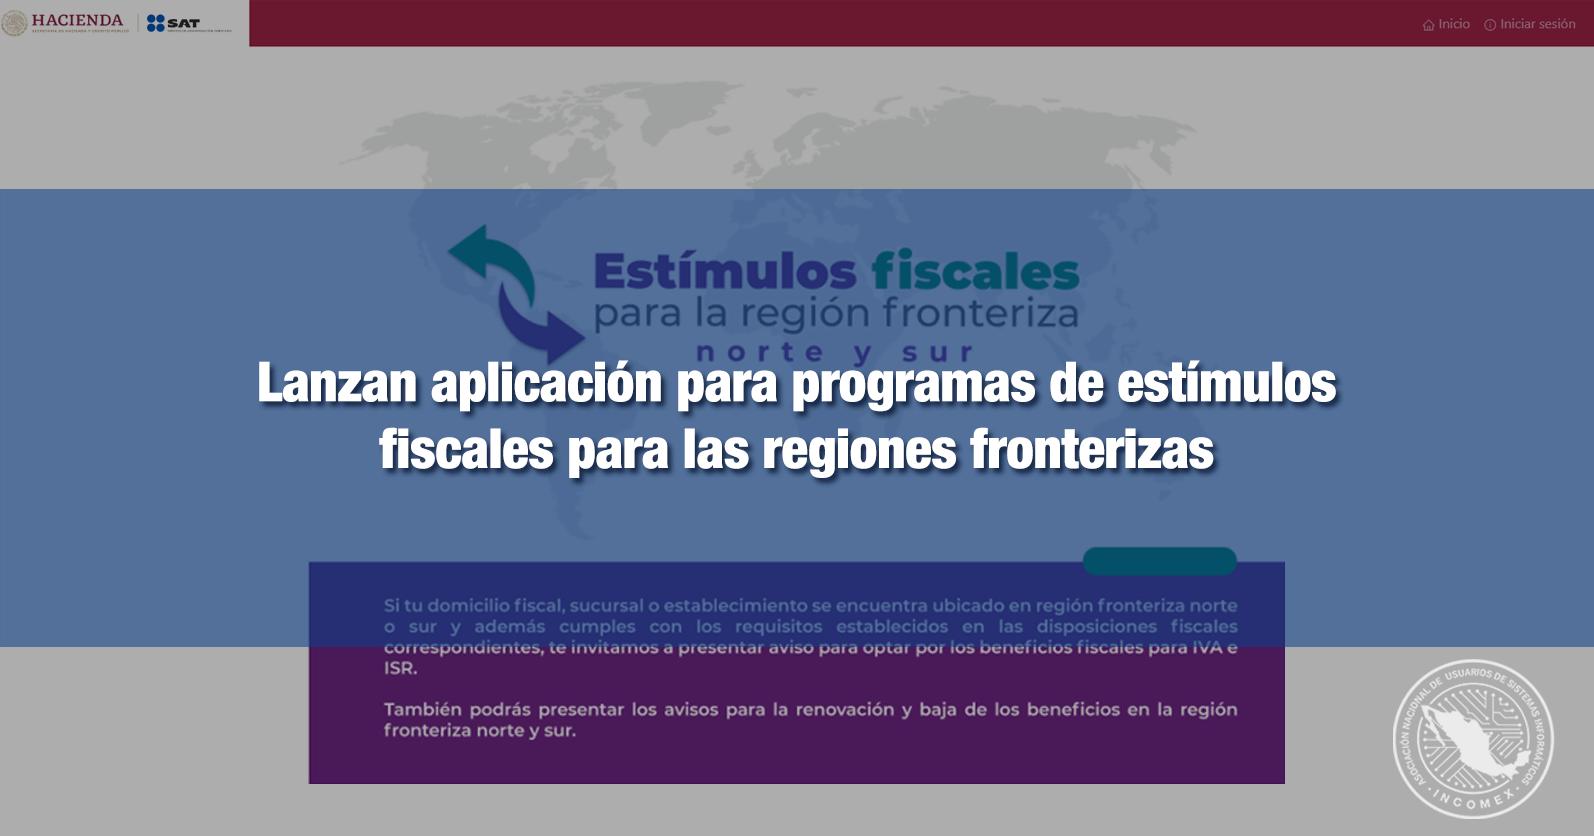 Lanzan aplicación para programas de estímulos fiscales para las regiones fronterizas